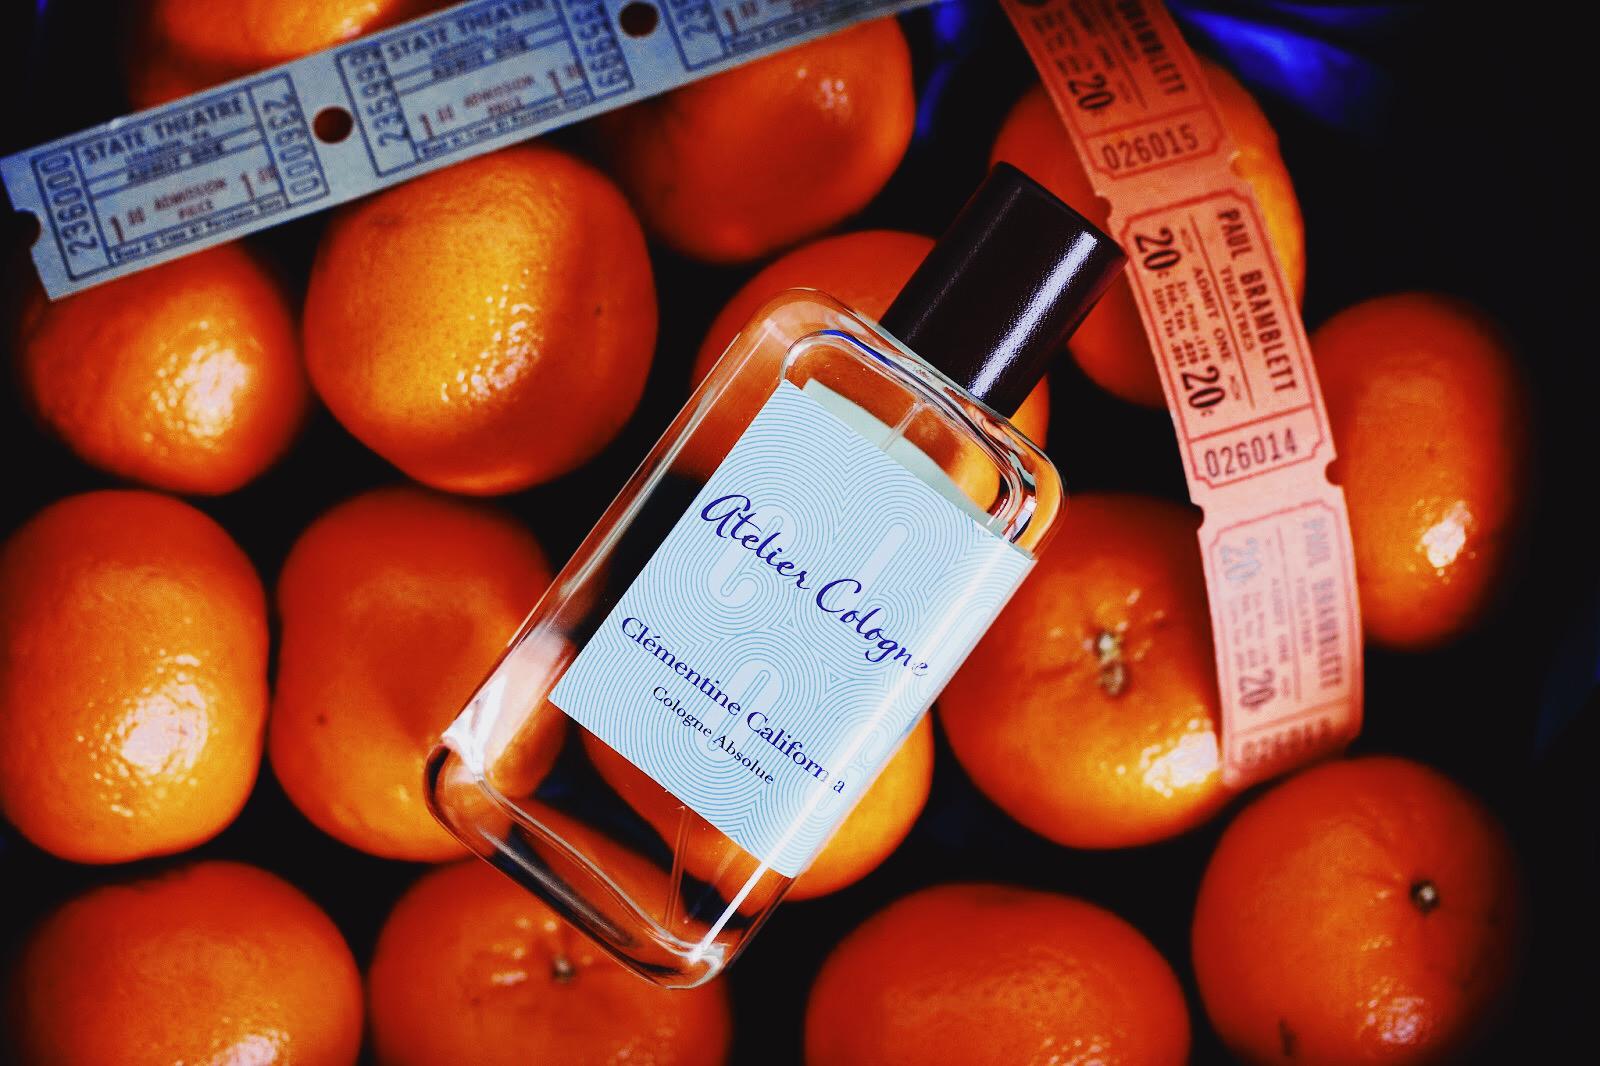 atelier cologne clémentine california parfum avis test critique